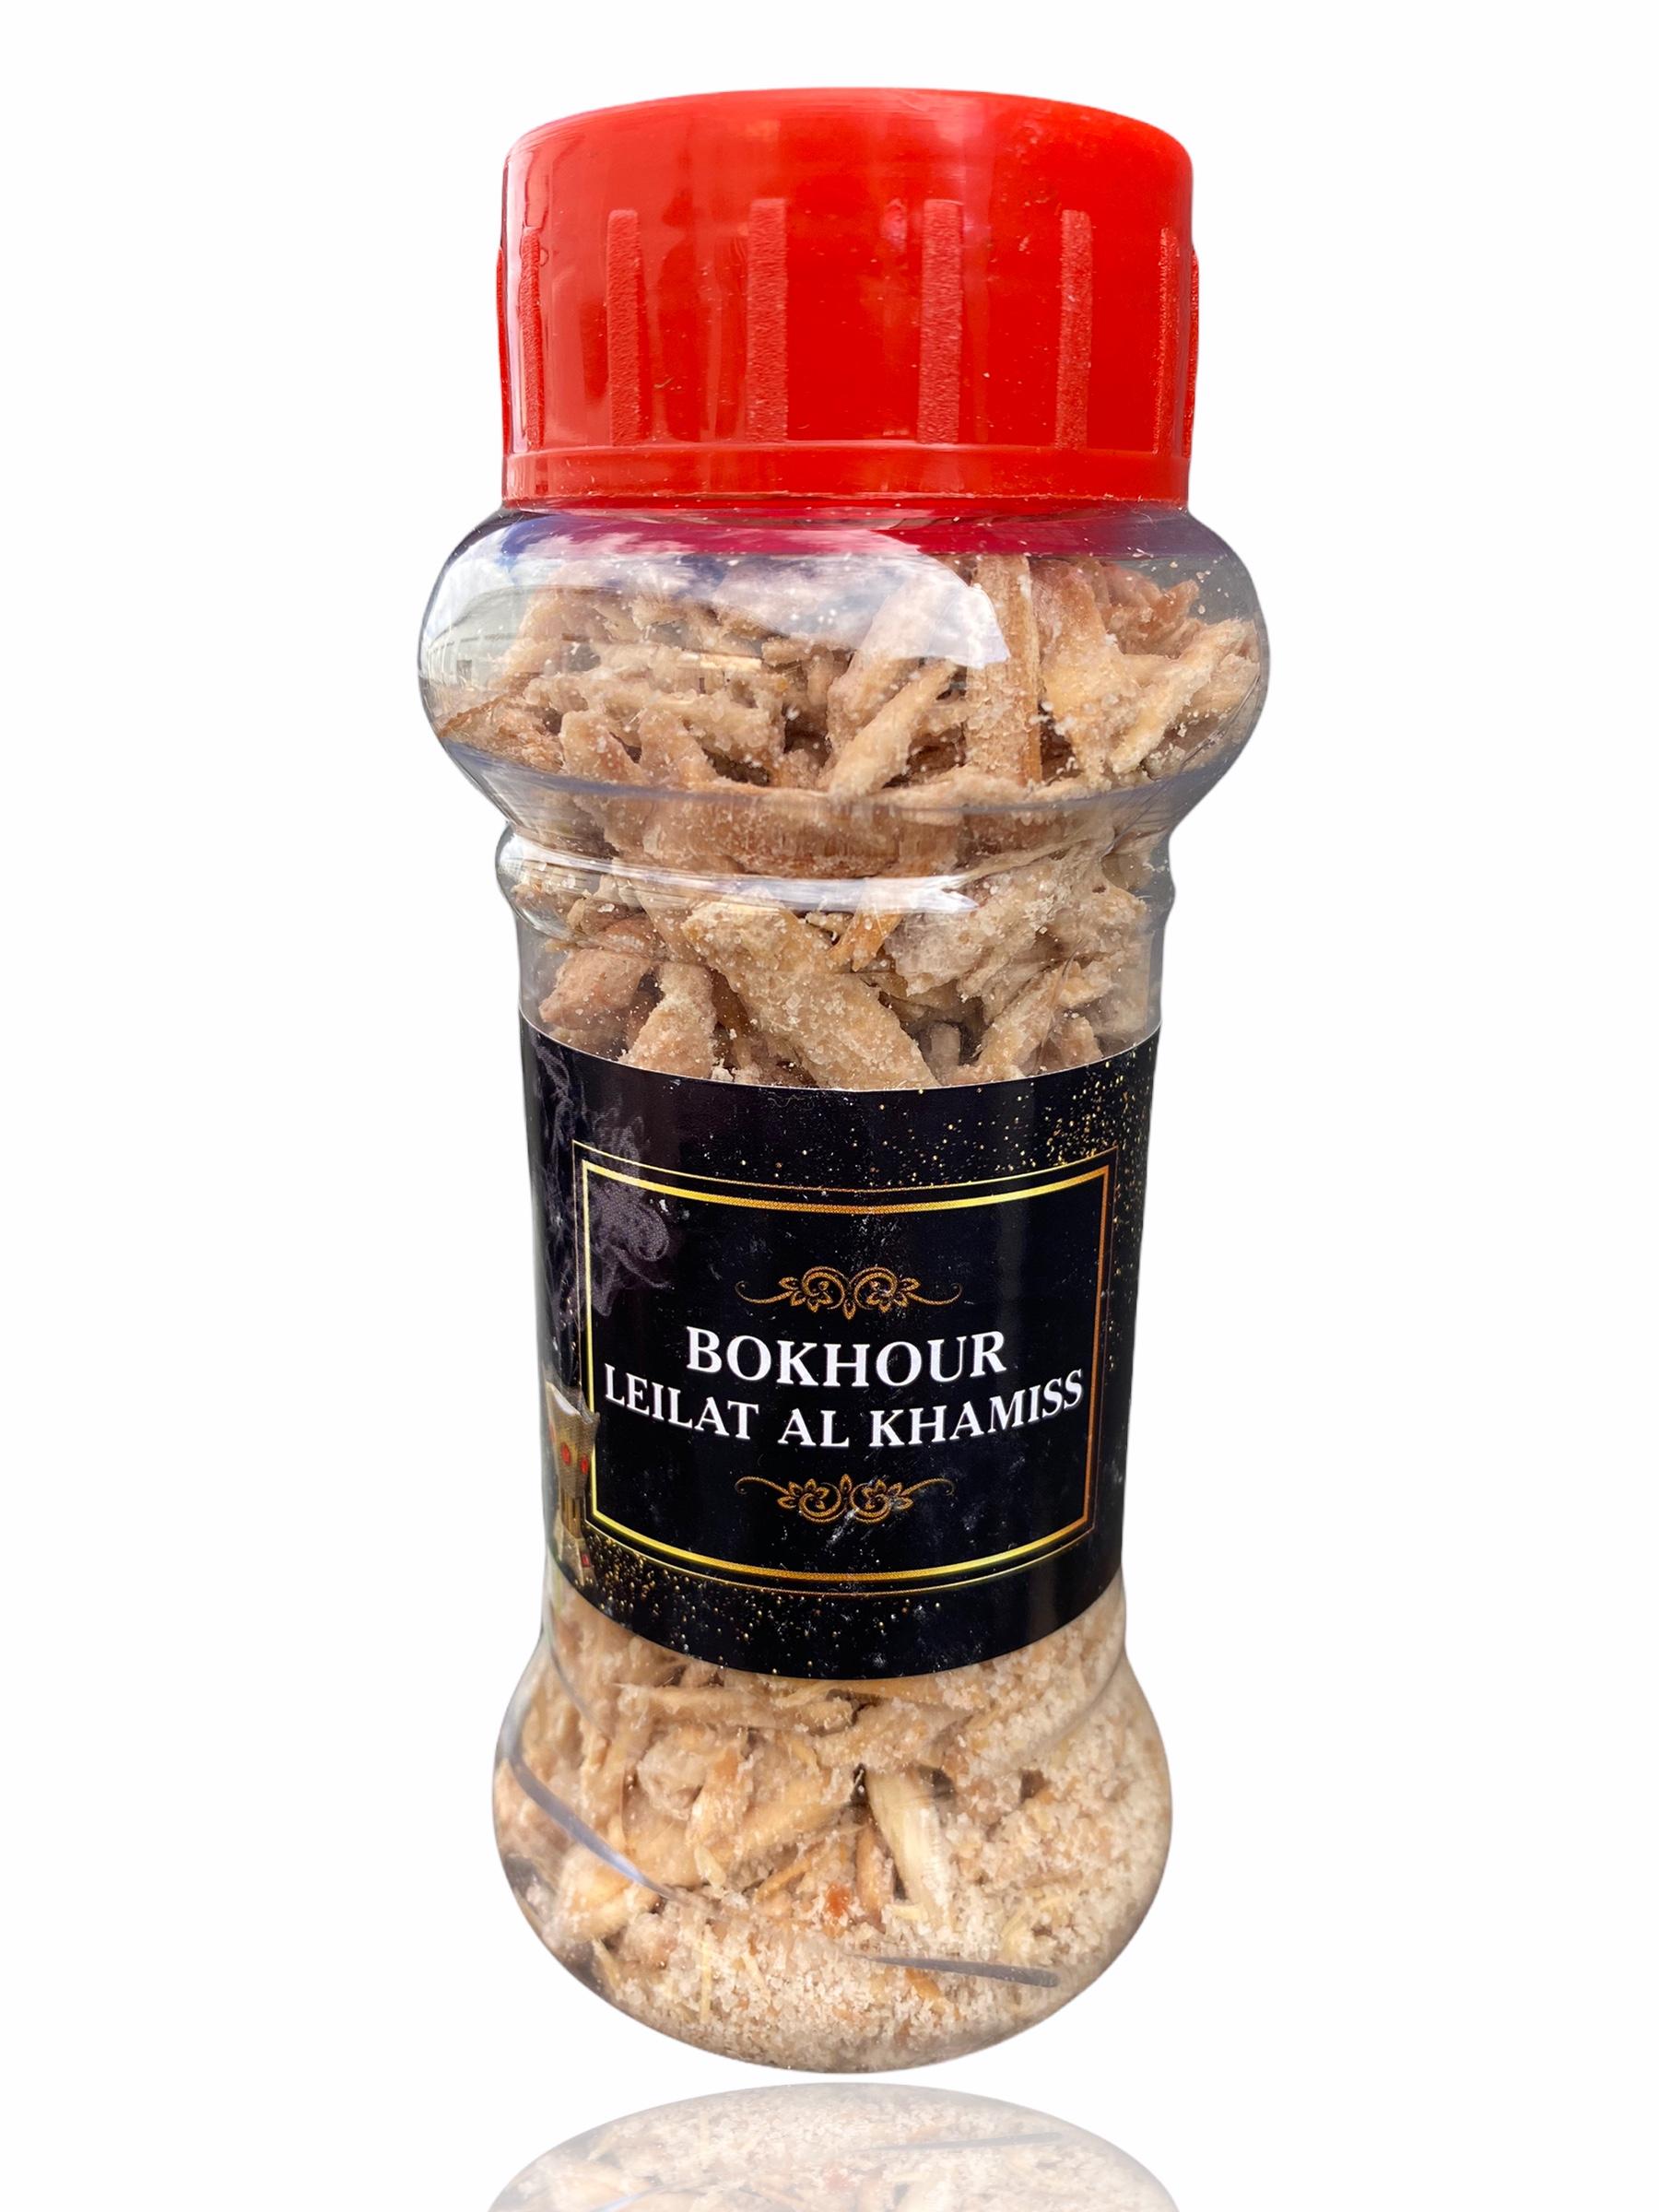 Bokhour Leilat Al Khamiss Encens Oriental avec une très bonne odeur à utiliser avec un encensoir charbon ou alors directement à la poêle. Contenance: 125gr.